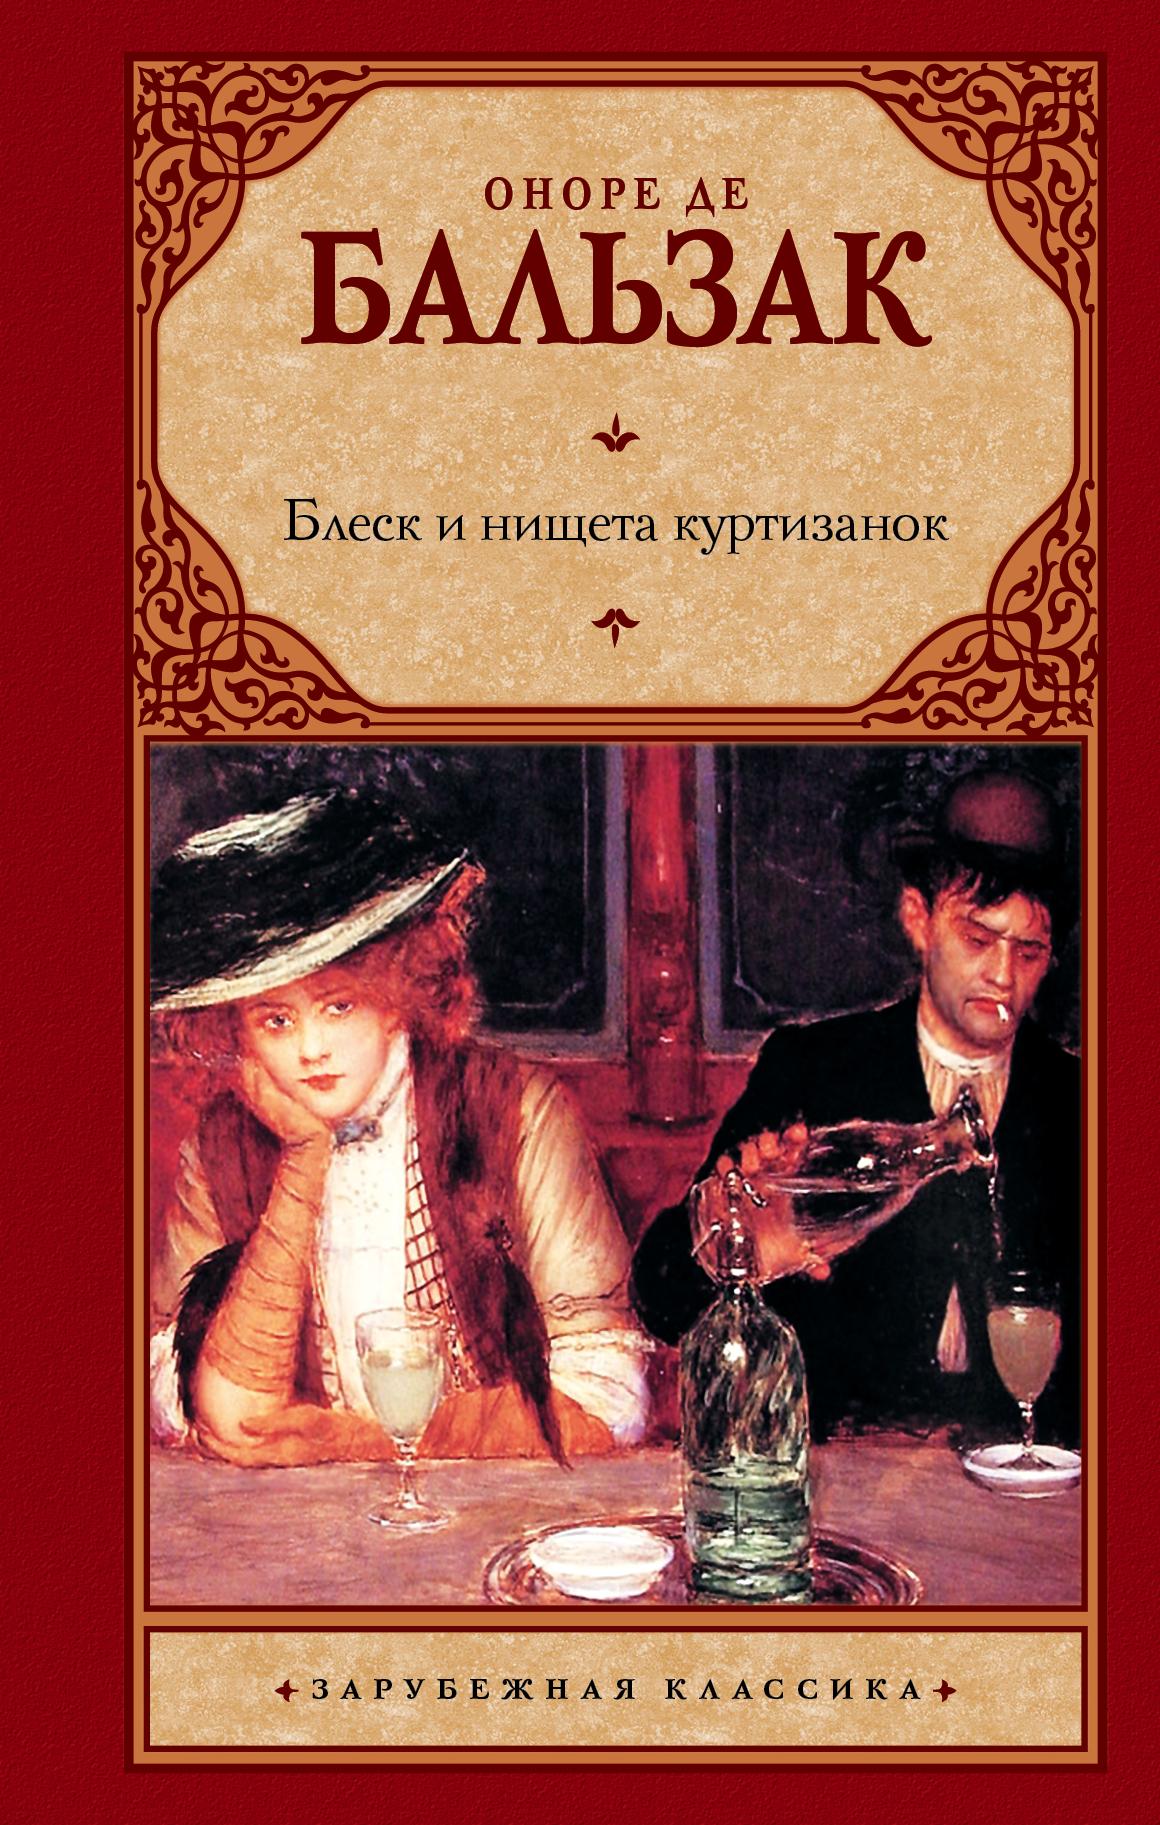 Бальзак О. де Блеск и нищета куртизанок ISBN: 978-5-17-068867-8 михайлов о в блеск и нищета астрологии